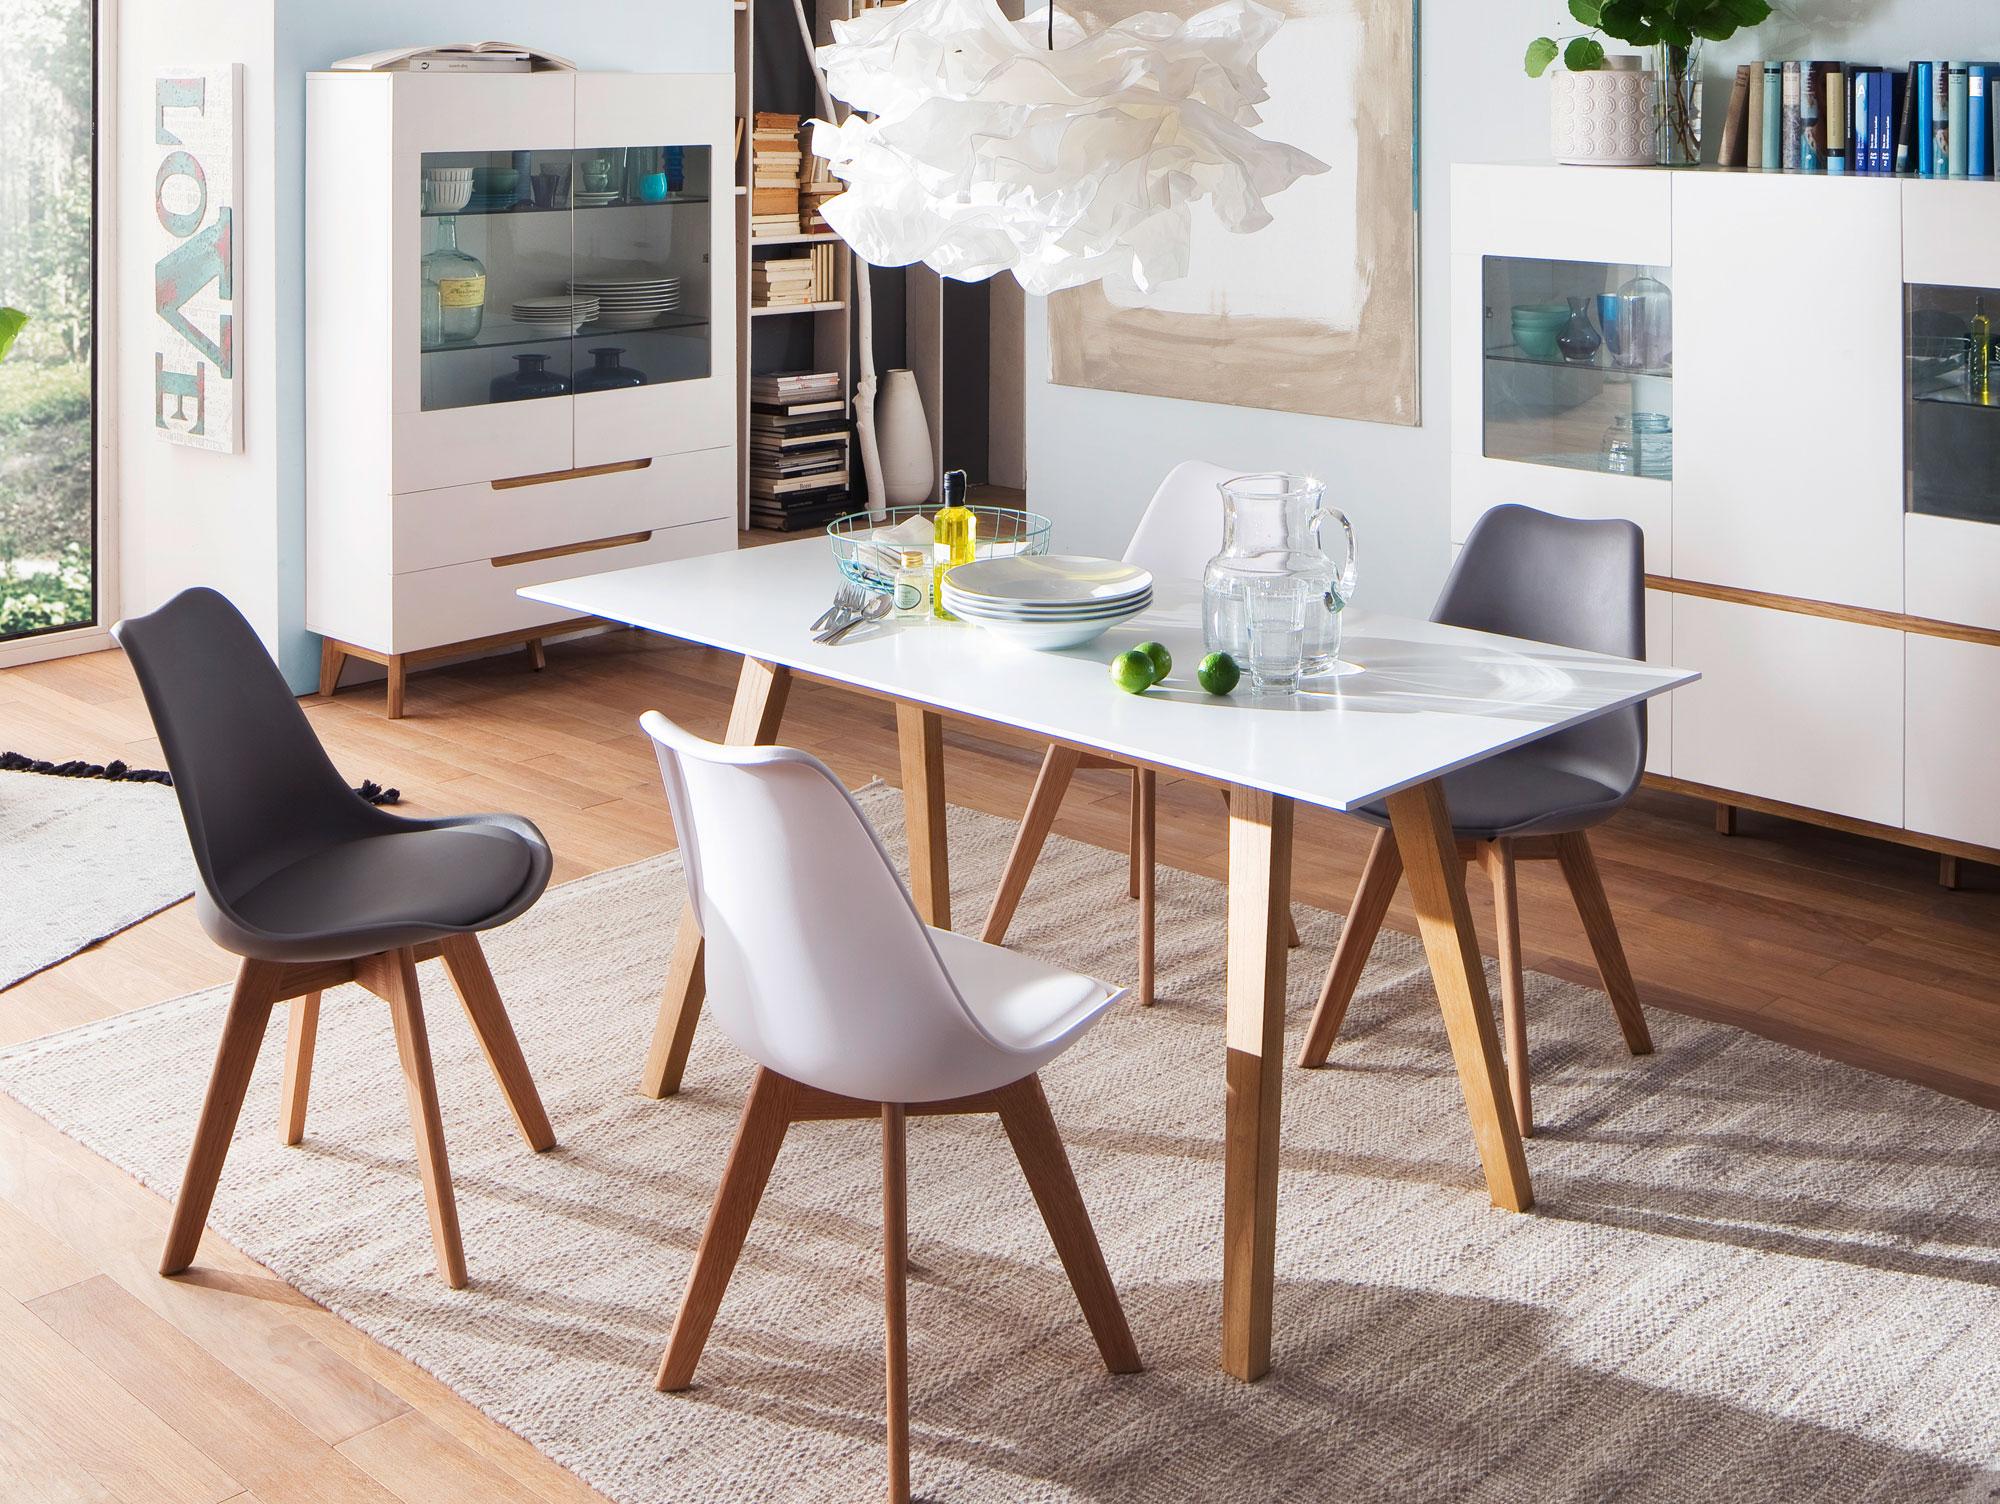 cava esstisch matt weiss eiche 140 x 80 cm. Black Bedroom Furniture Sets. Home Design Ideas